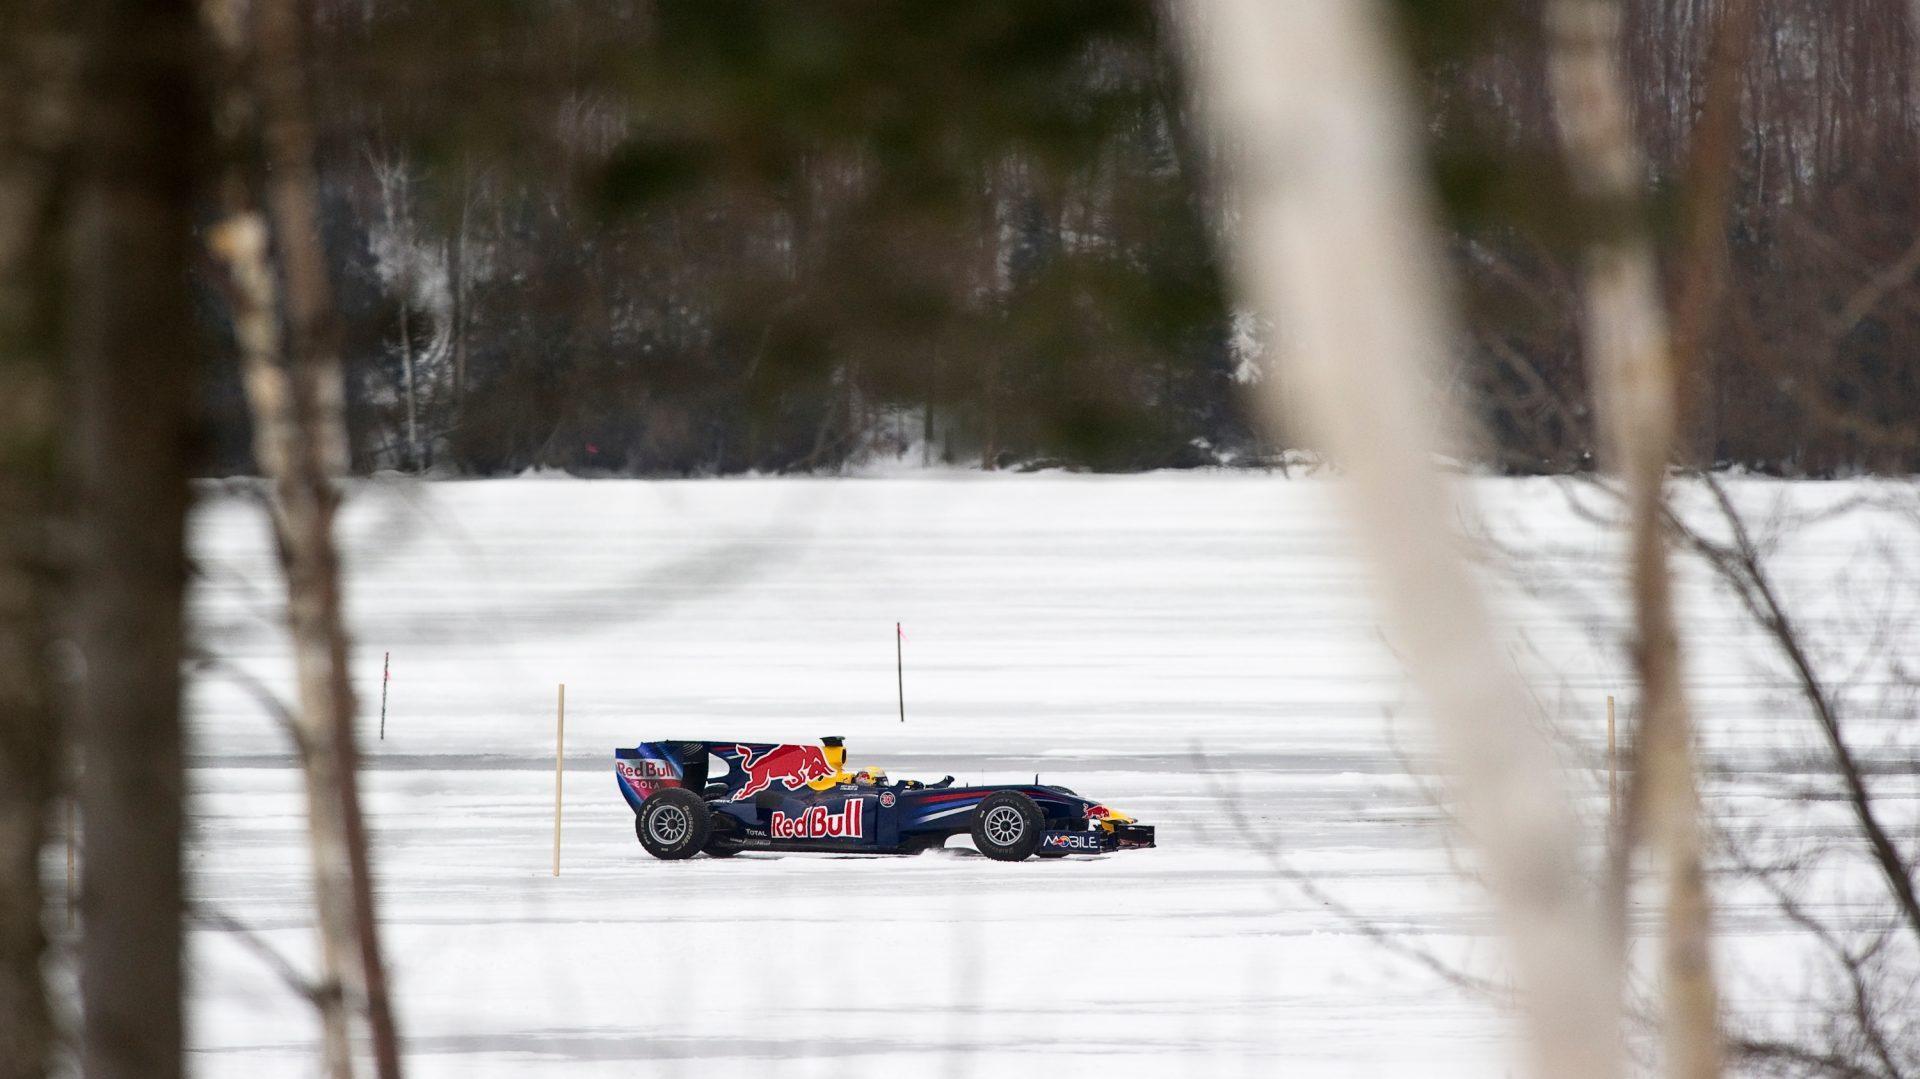 Nel 2010 Sebastian Buemi guida la Red Bull sul lago ghiacciato nel Northern Quebec.